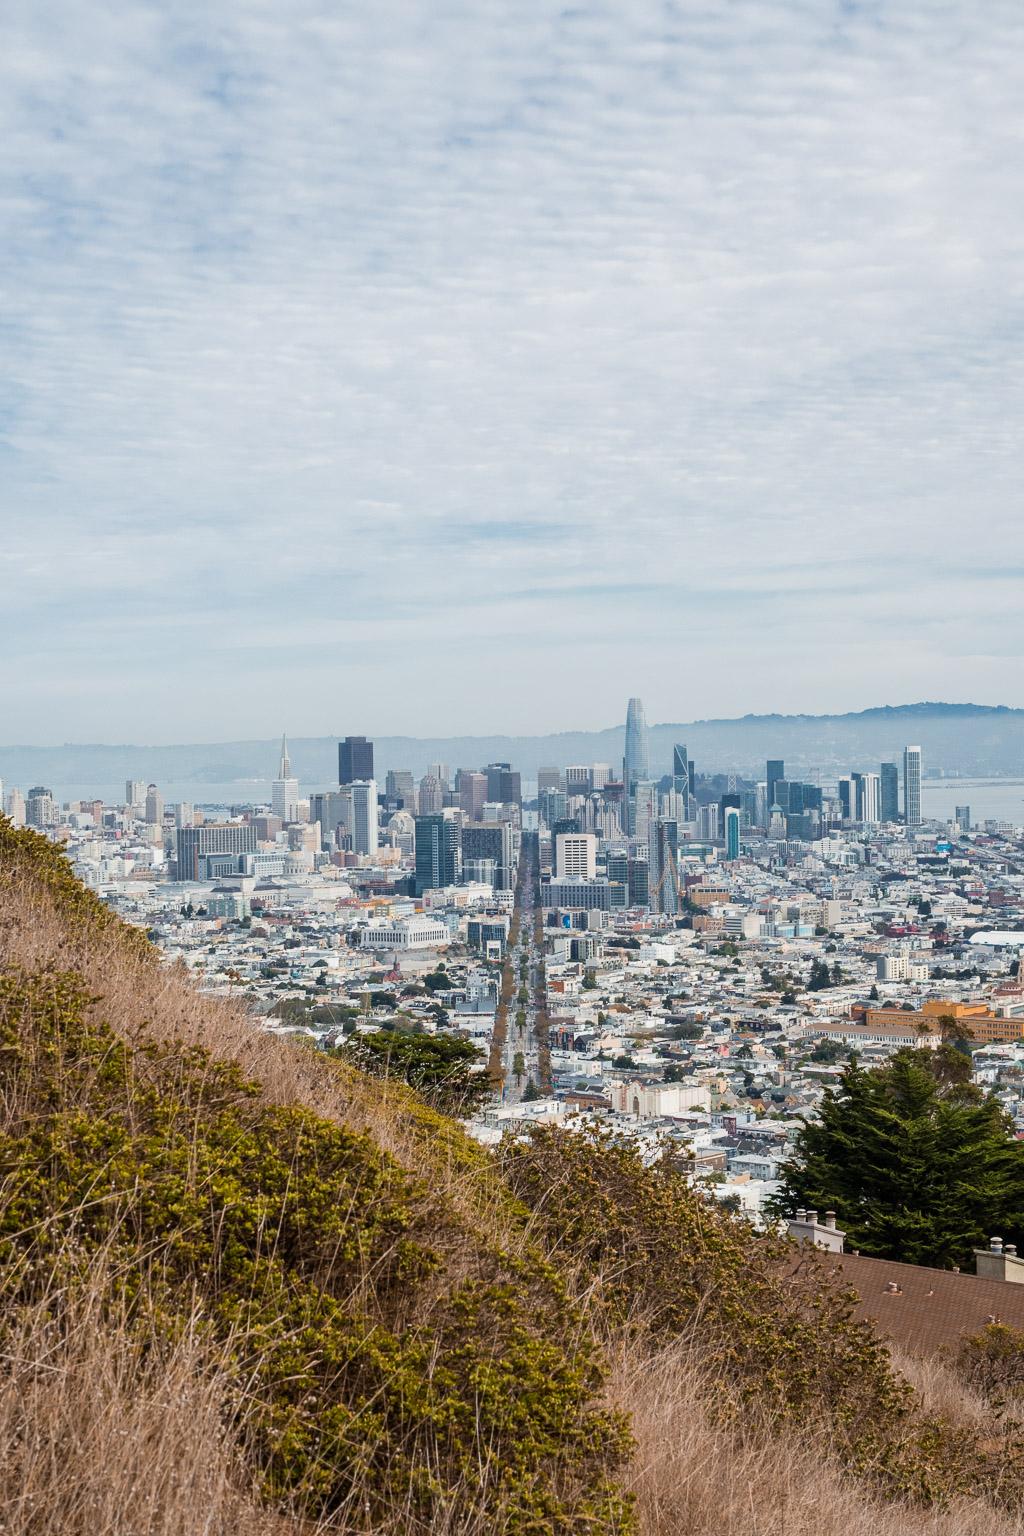 Aussicht vom Christmas Tree Point auf den Twin Peaks Urban Hike – wandern in San Francisco San Francisco in 3 Tagen aktiv entdecken – Reisetipps, Highlights und besondere Aktivitäten